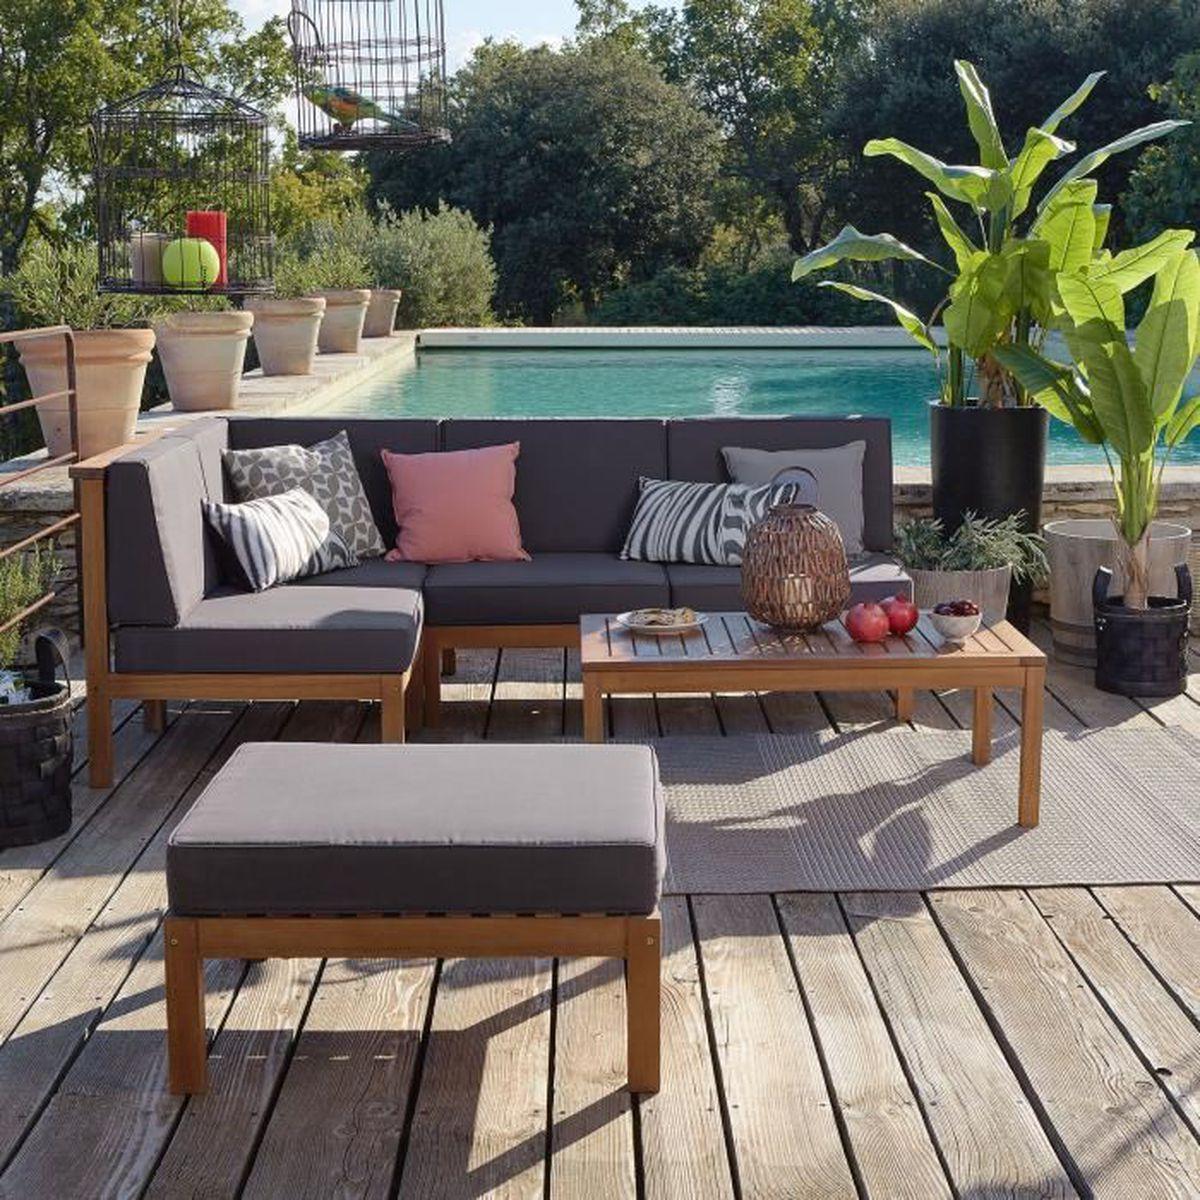 cocoon jardin salon de jardin en acacia massif 4 places